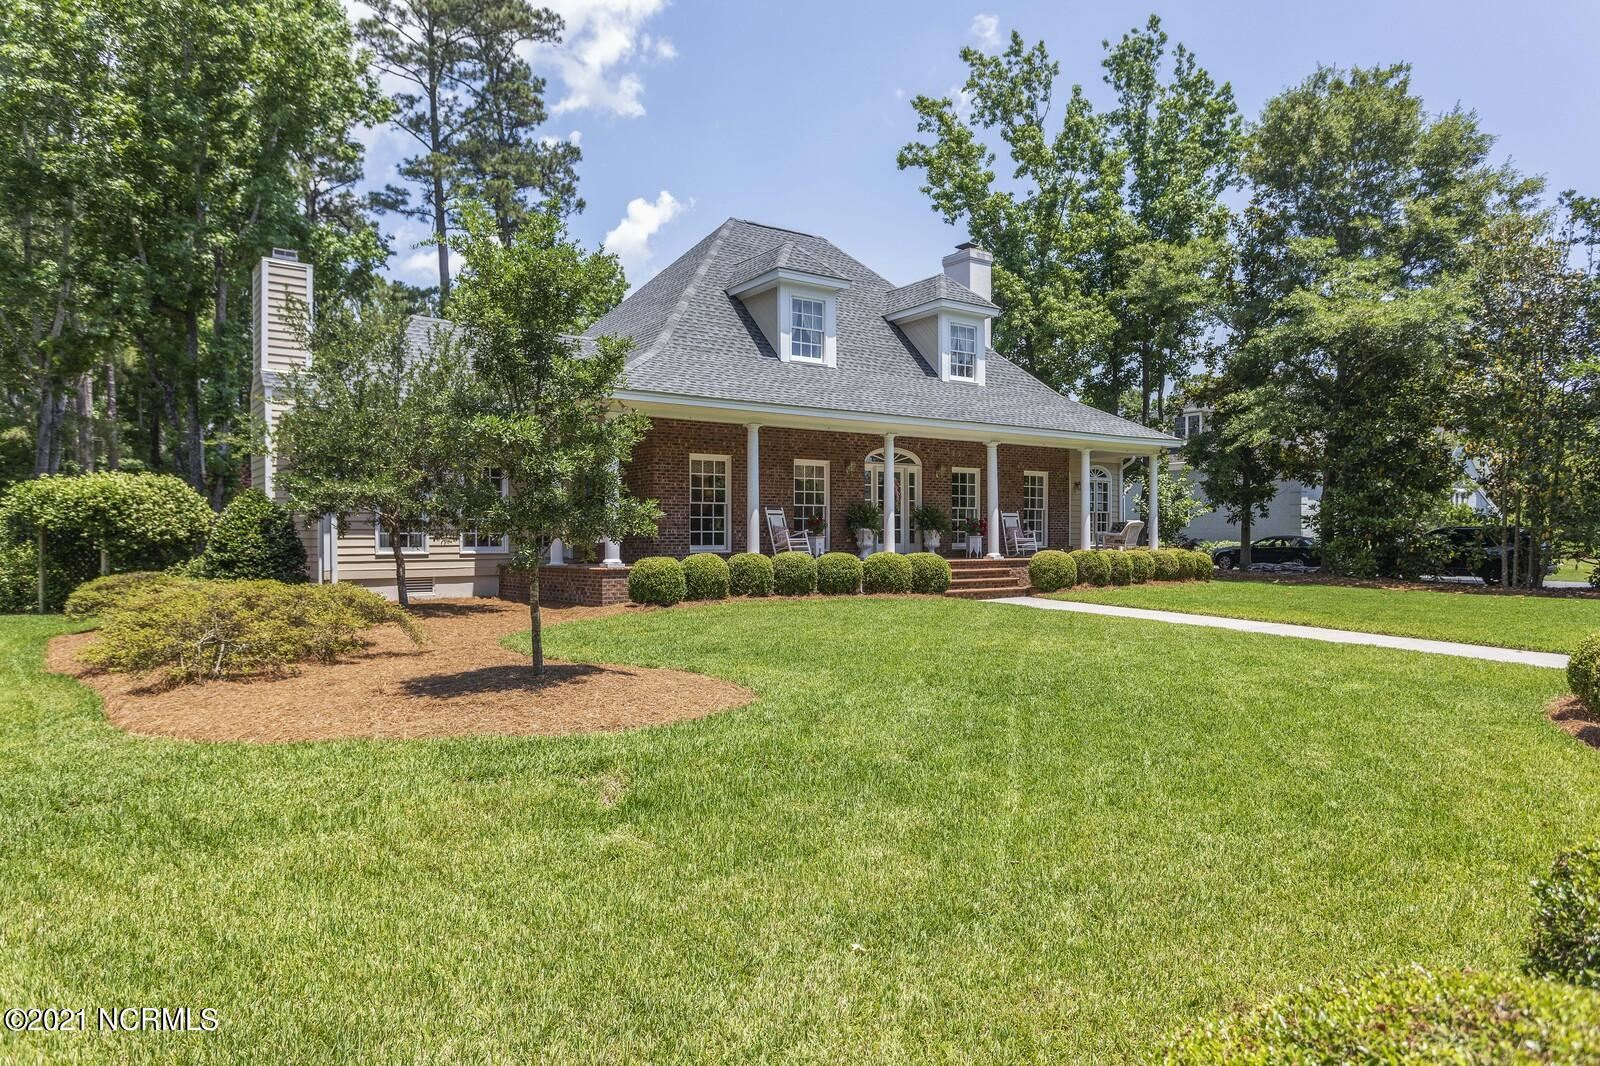 Photo of 5801 Meadow Brook Court, Wilmington, NC 28409 (MLS # 100274211)